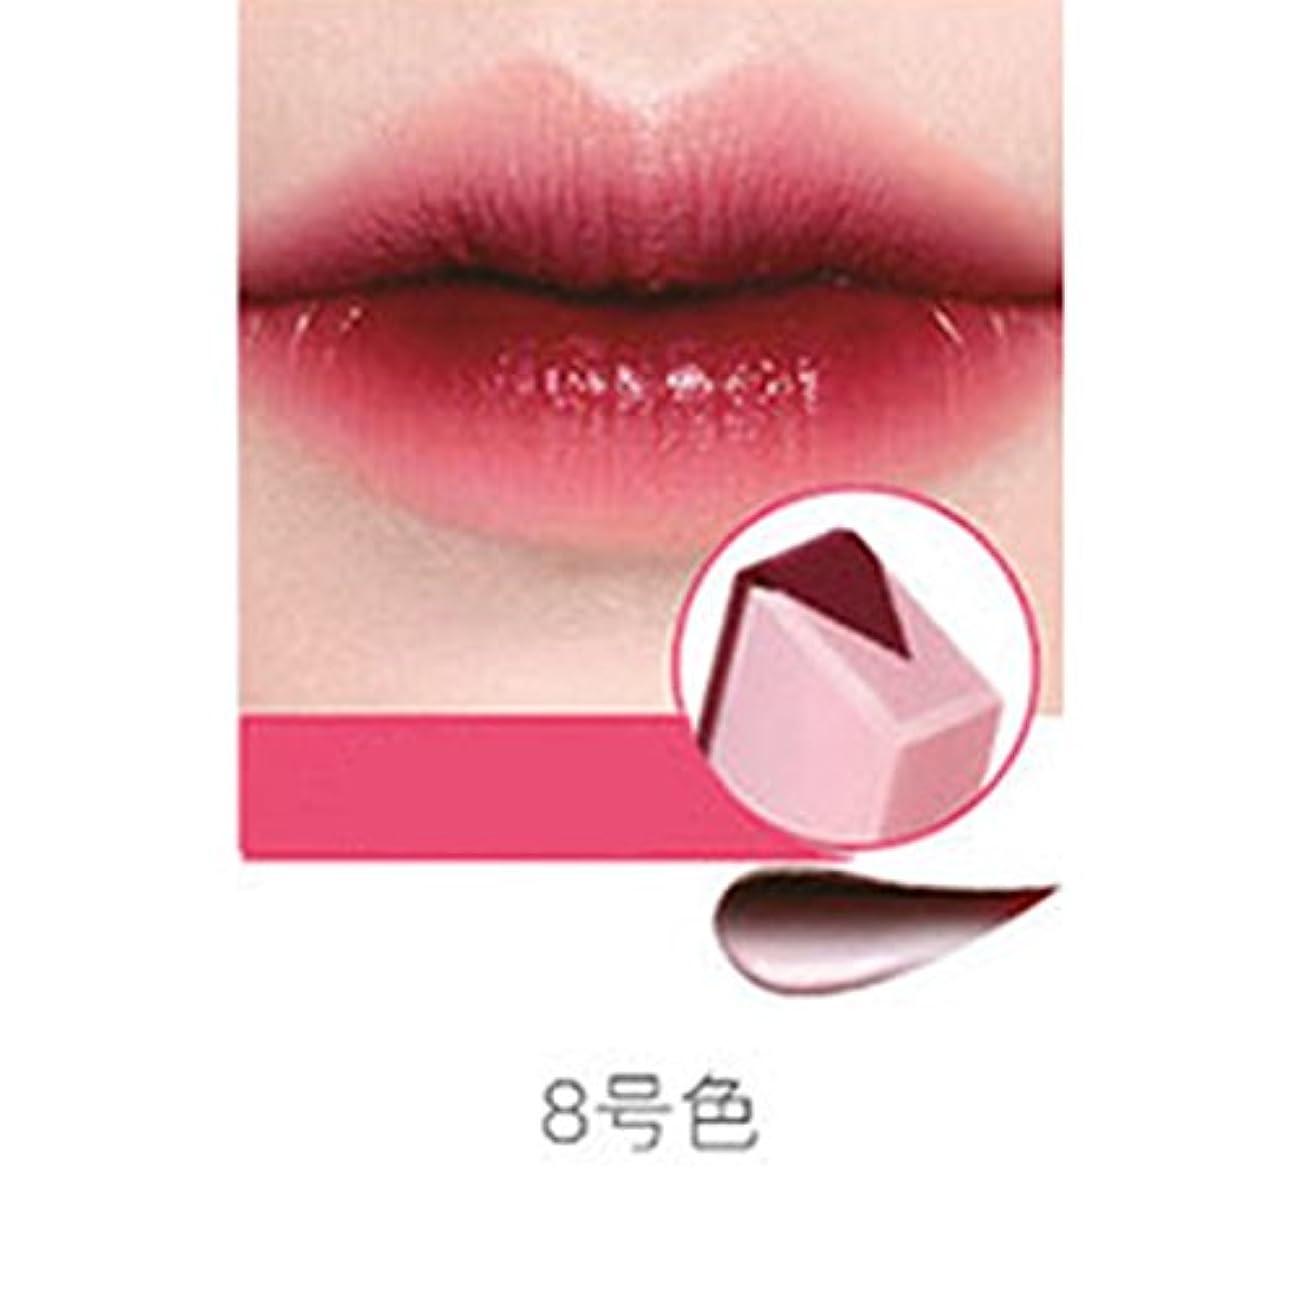 ゴミ影のある容器RaiFu リップスティック ペンシル リップバー 女性 ファッション グラデーションカラー マット メイクアップ フルーツ スモークツートーン ティント 08#チェリーミルク